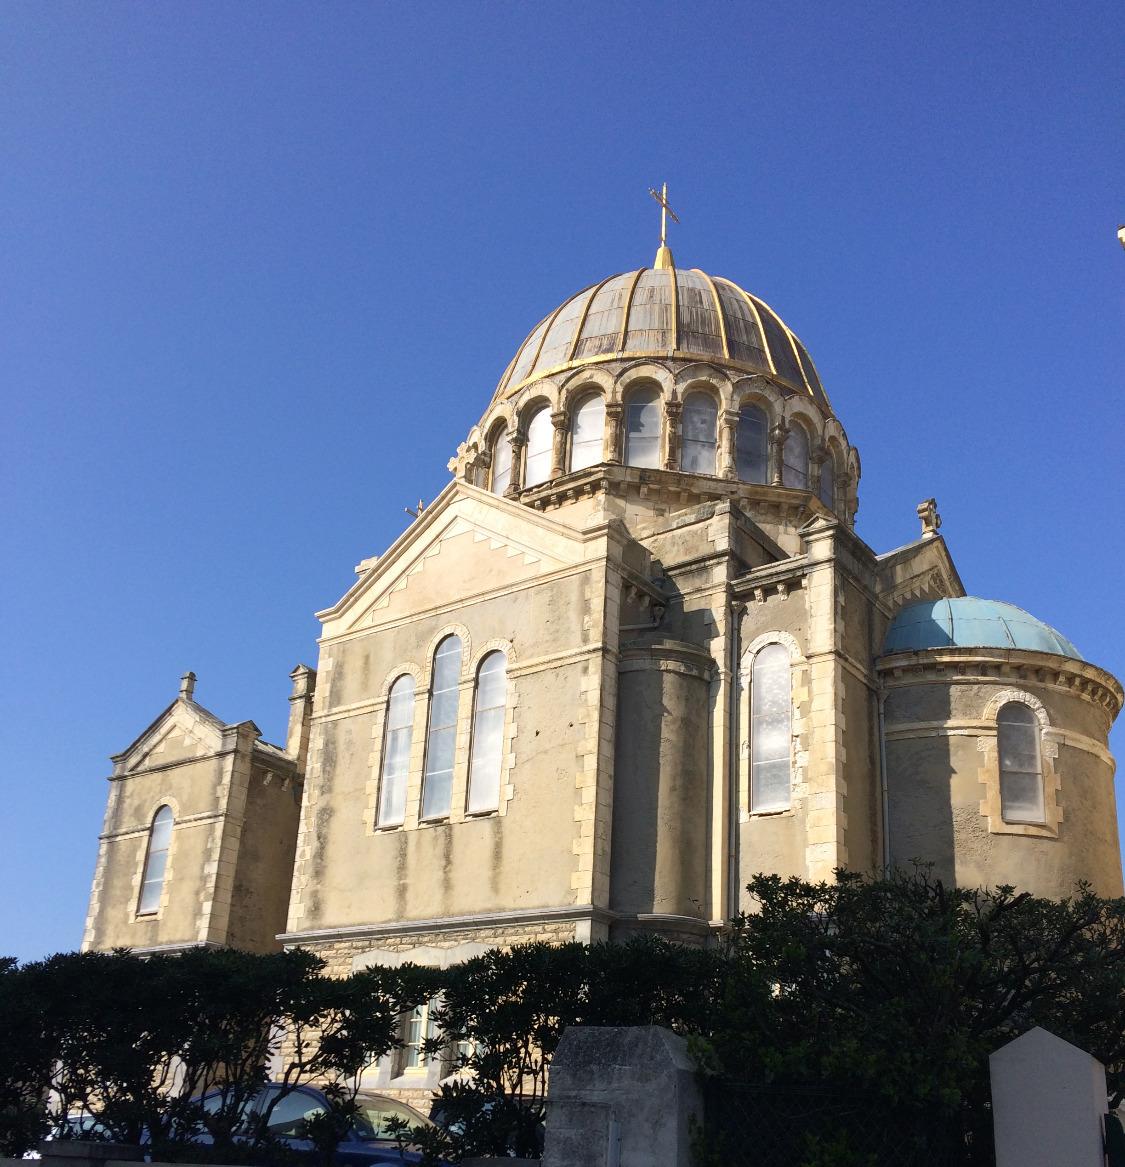 La Iglesia Ortodoxa de Biarritz.